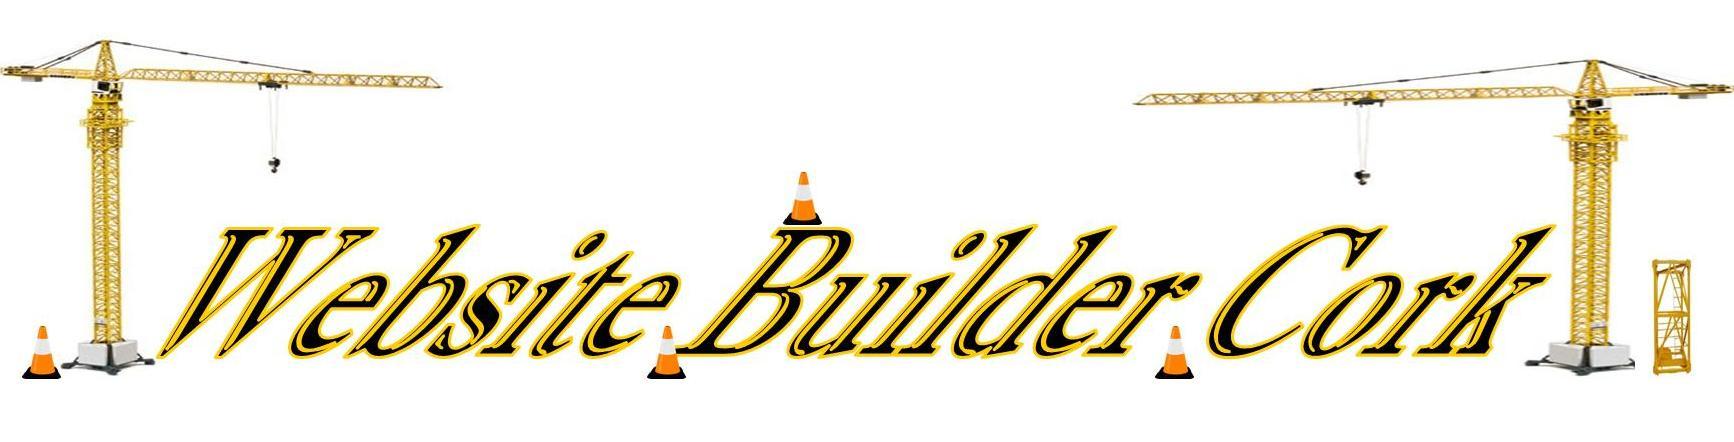 Website Builder Cork